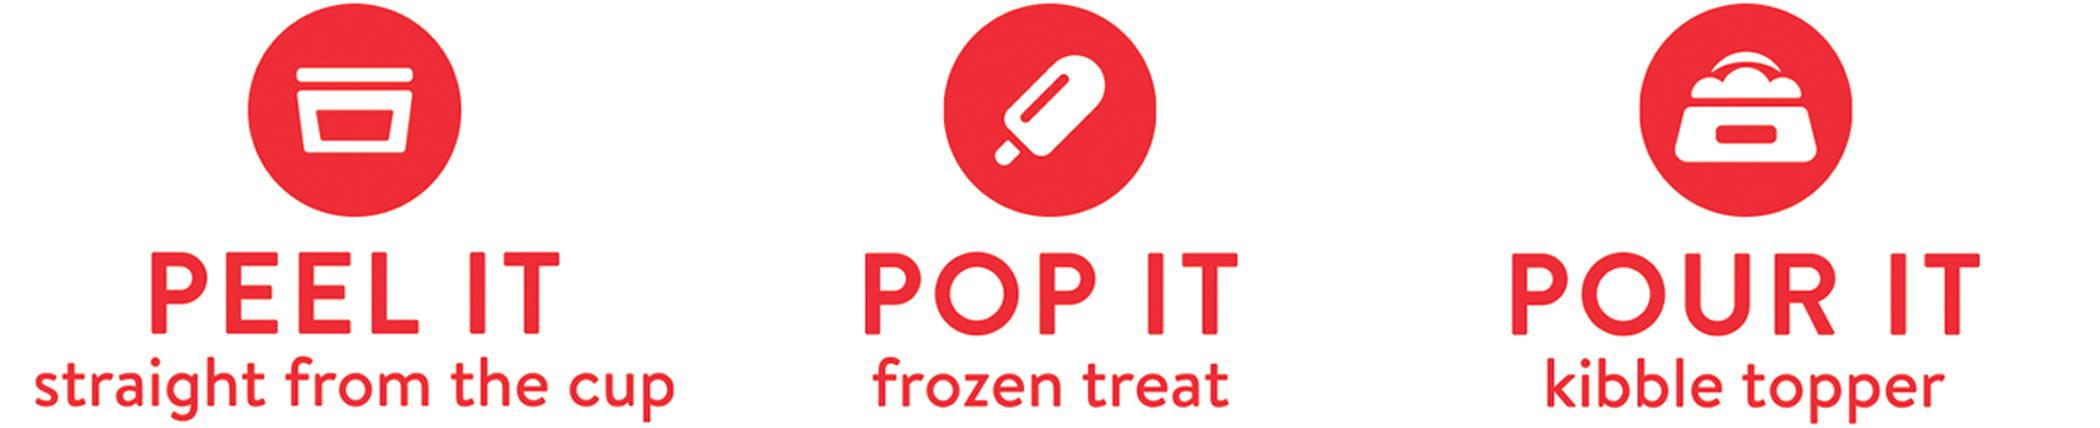 PEEL IT: straight from the cup, POP IT: frozen treat, POUR IT: kibble topper